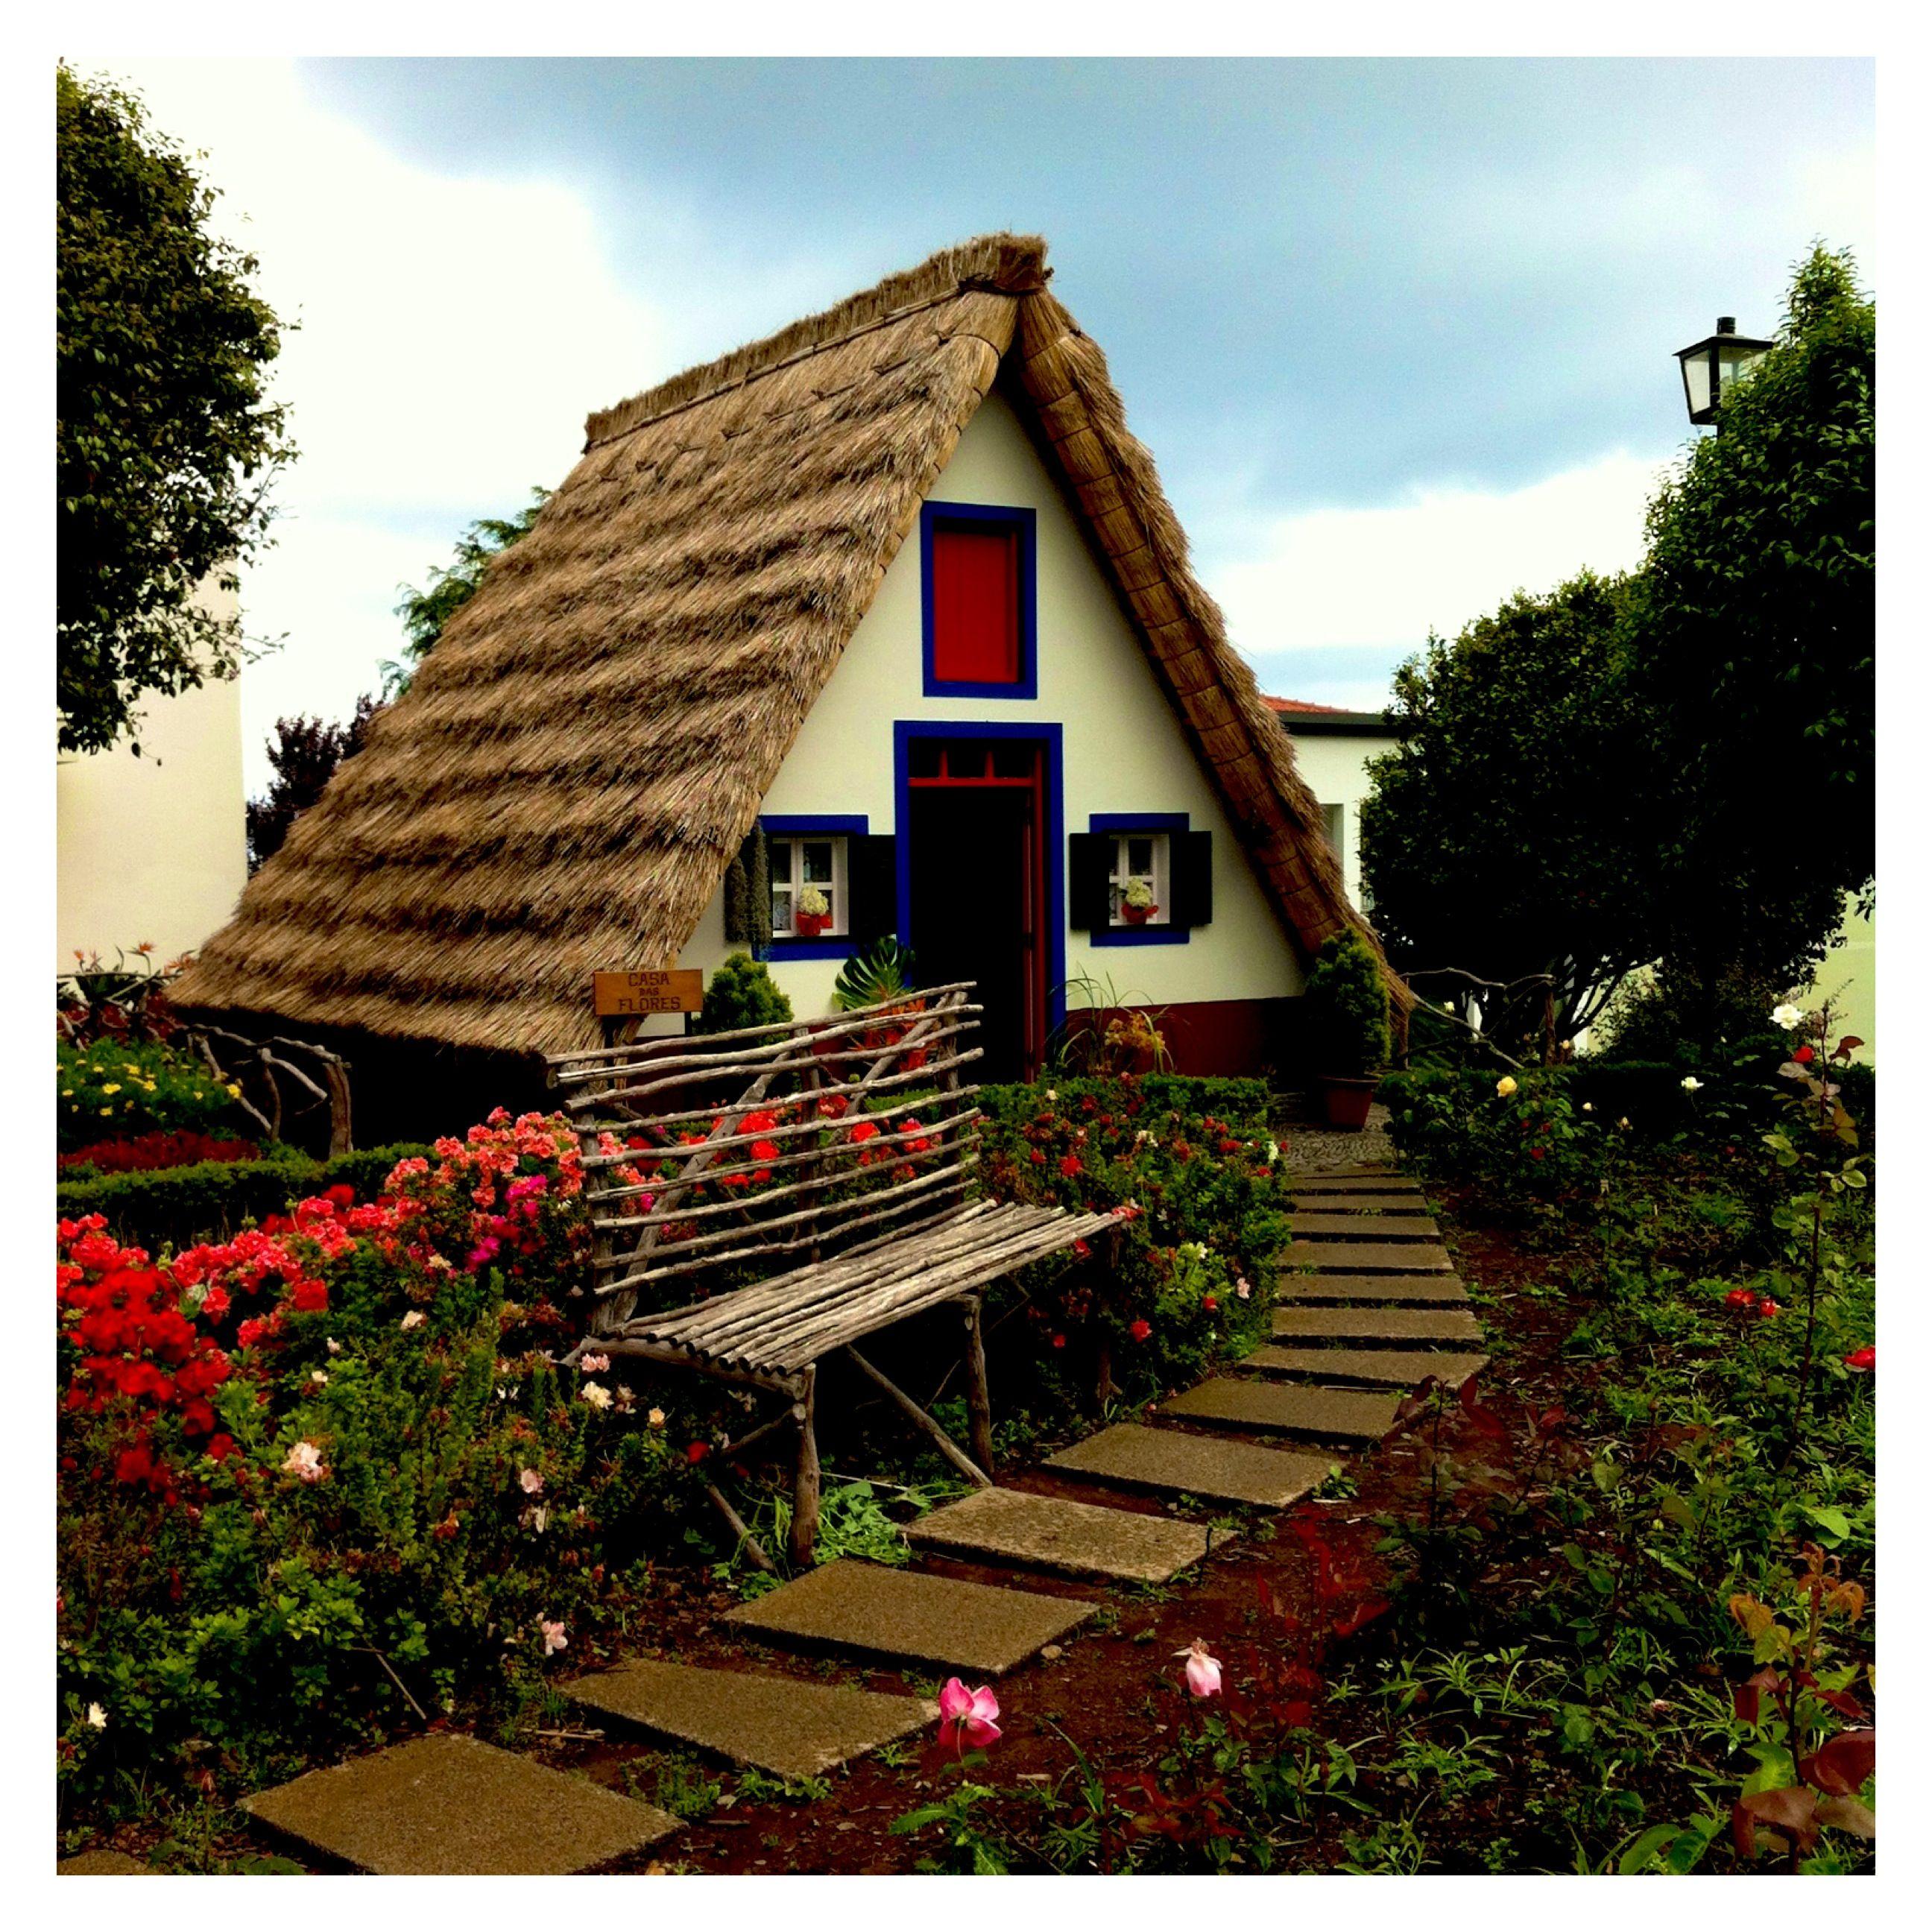 Casa Tradicional Madeirense Santana, Ilha da Madeira